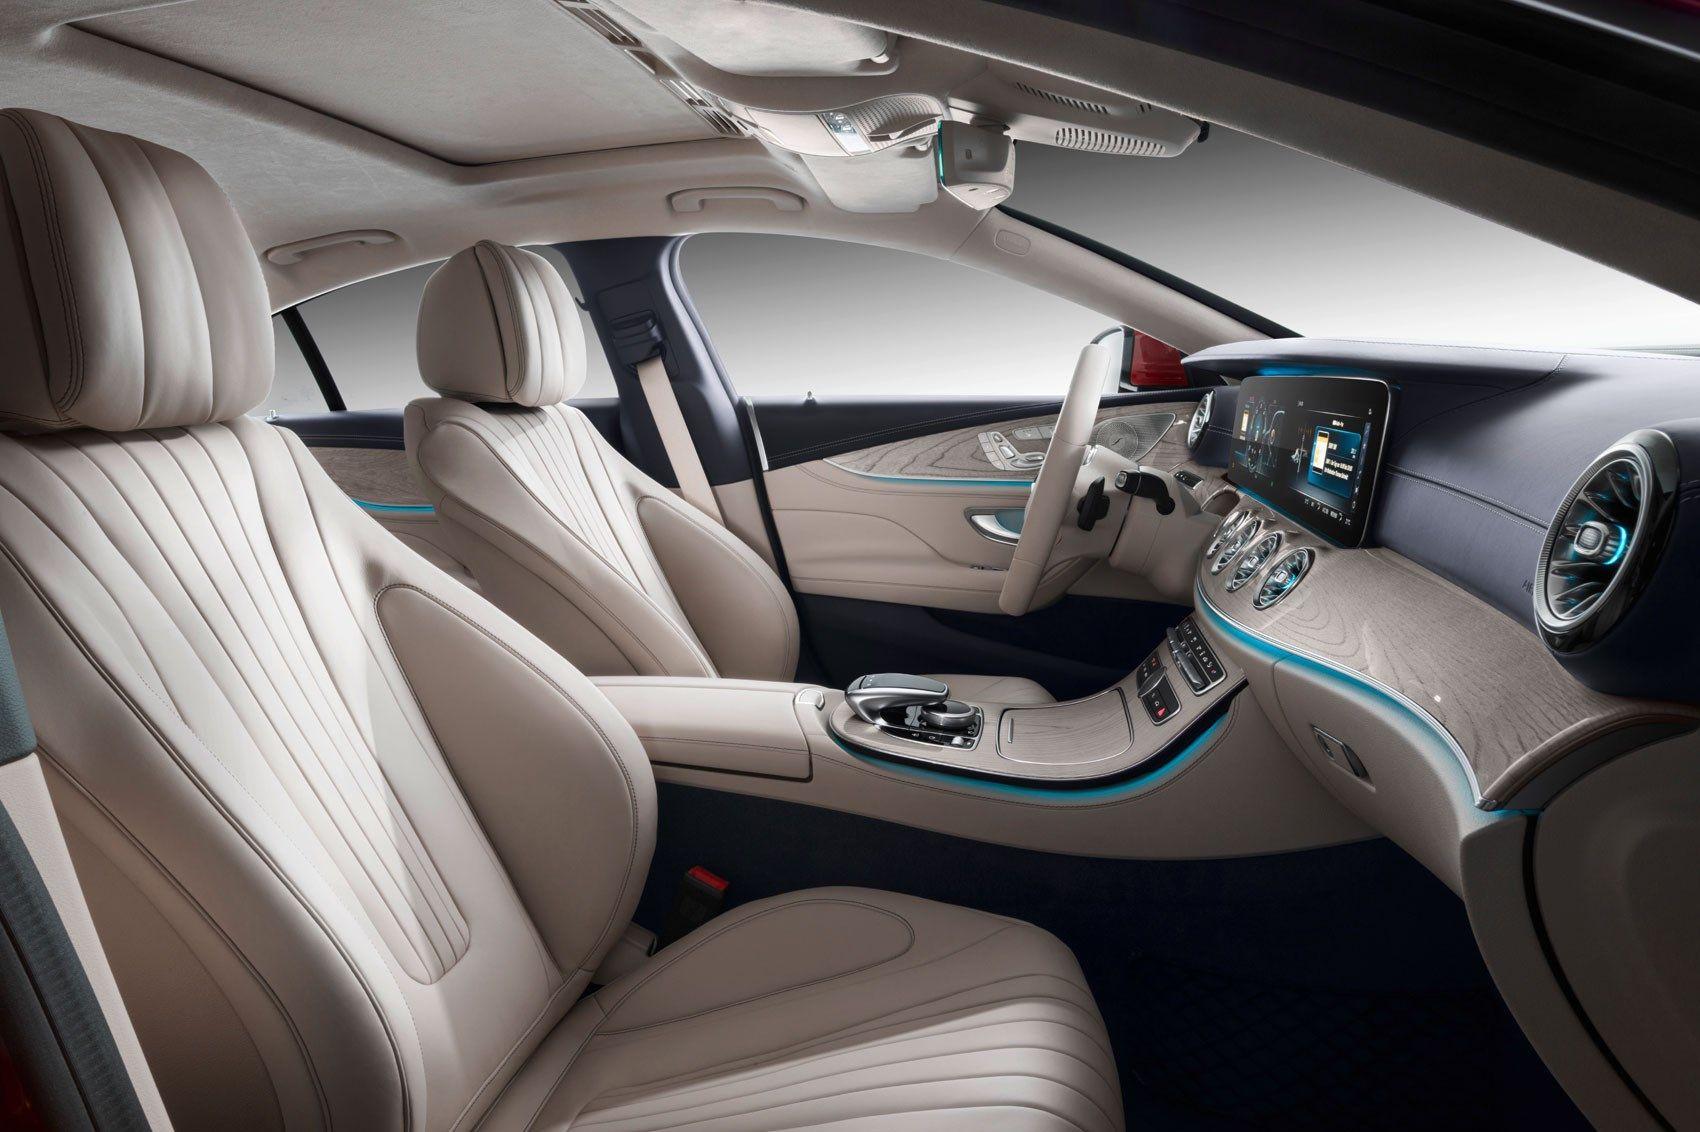 New Mercedes Benz Cls 2018 Interior